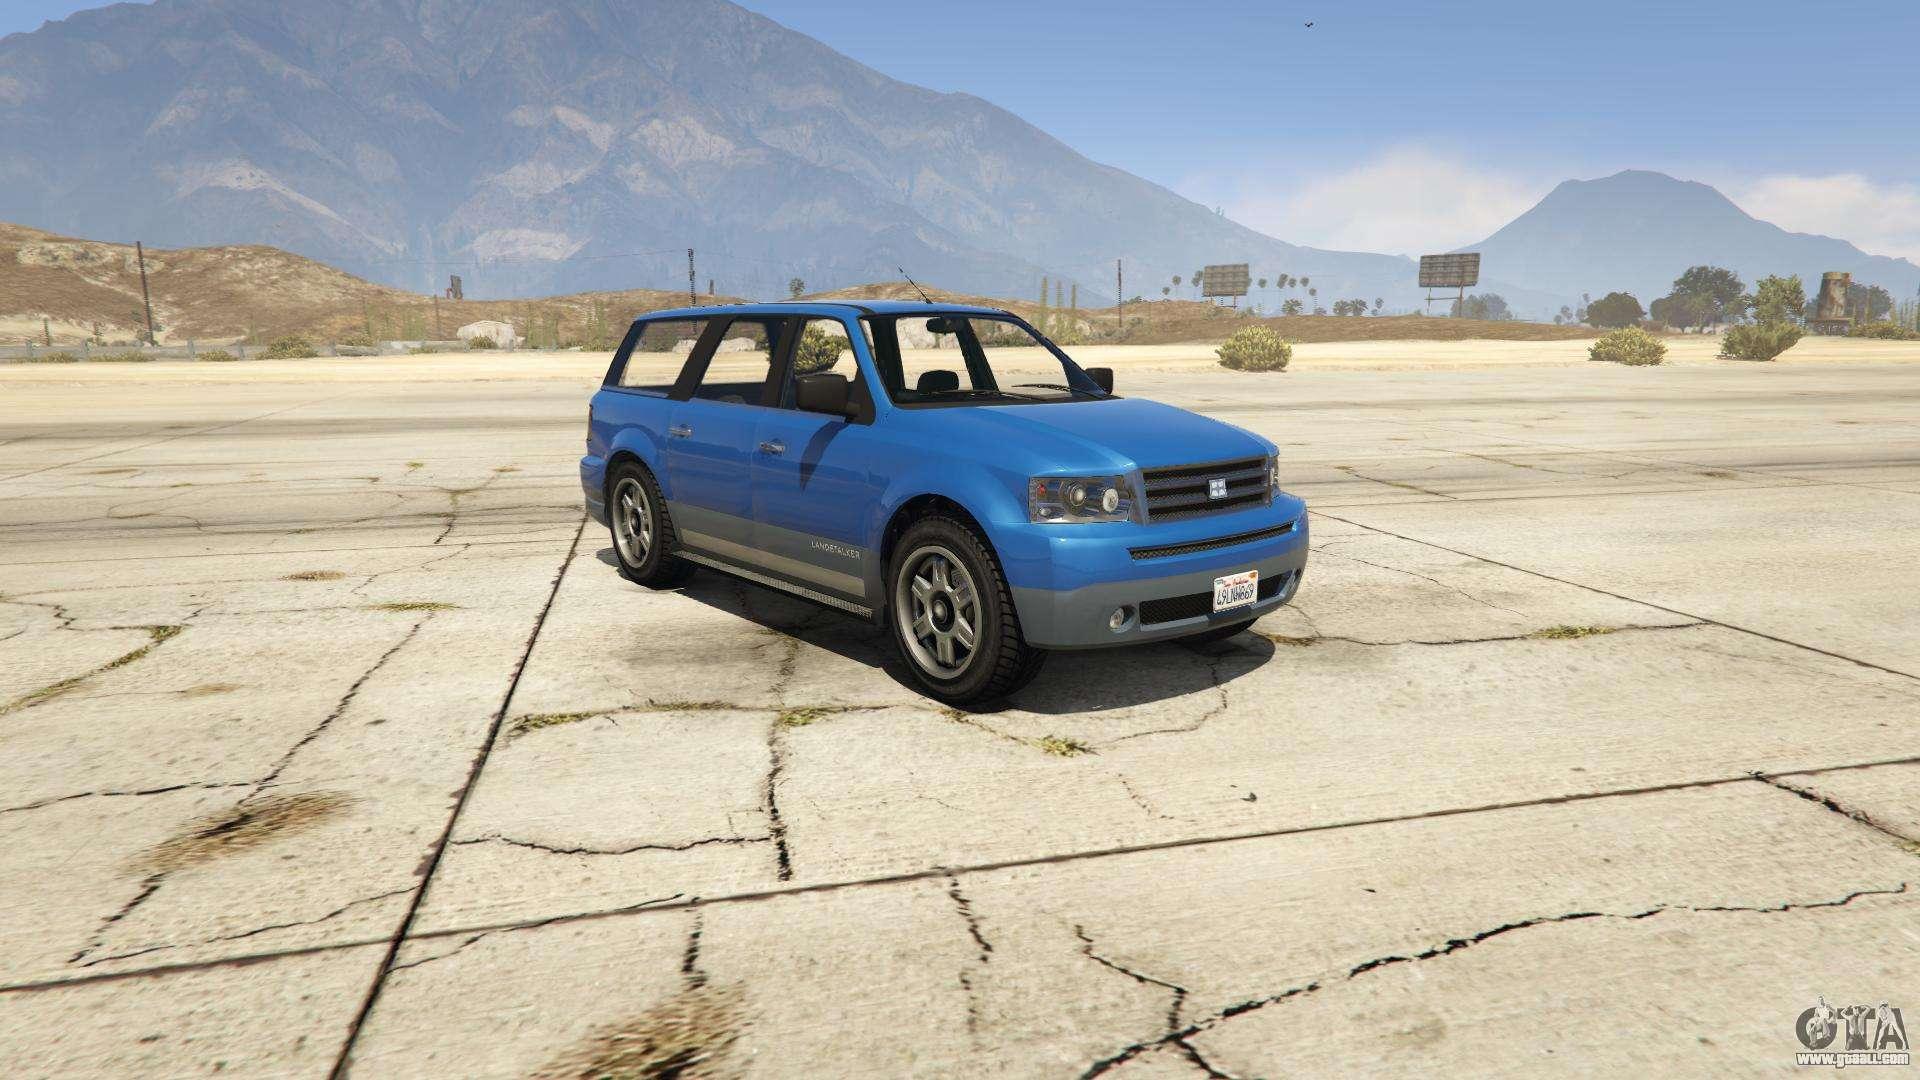 GTA 5 Dundreary Landstalker - front view